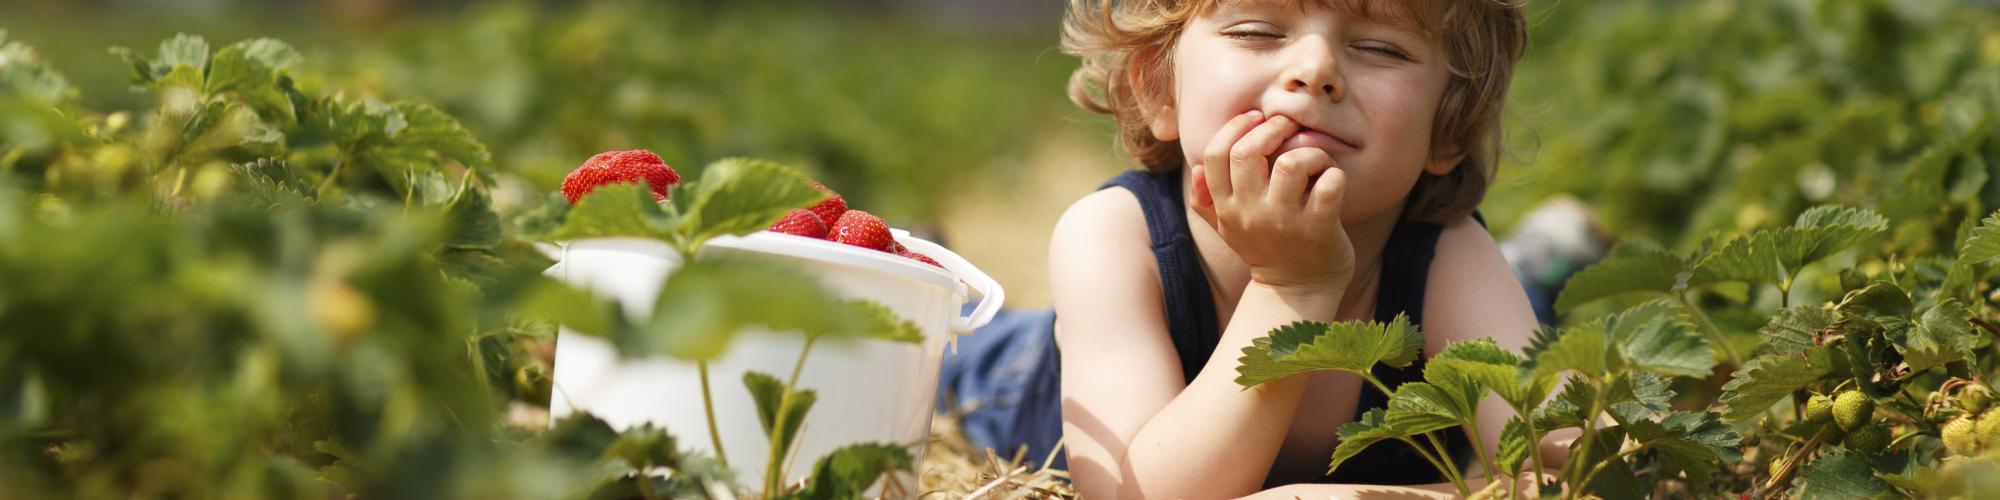 Petit garçon, cueillette de fraises, Ferme